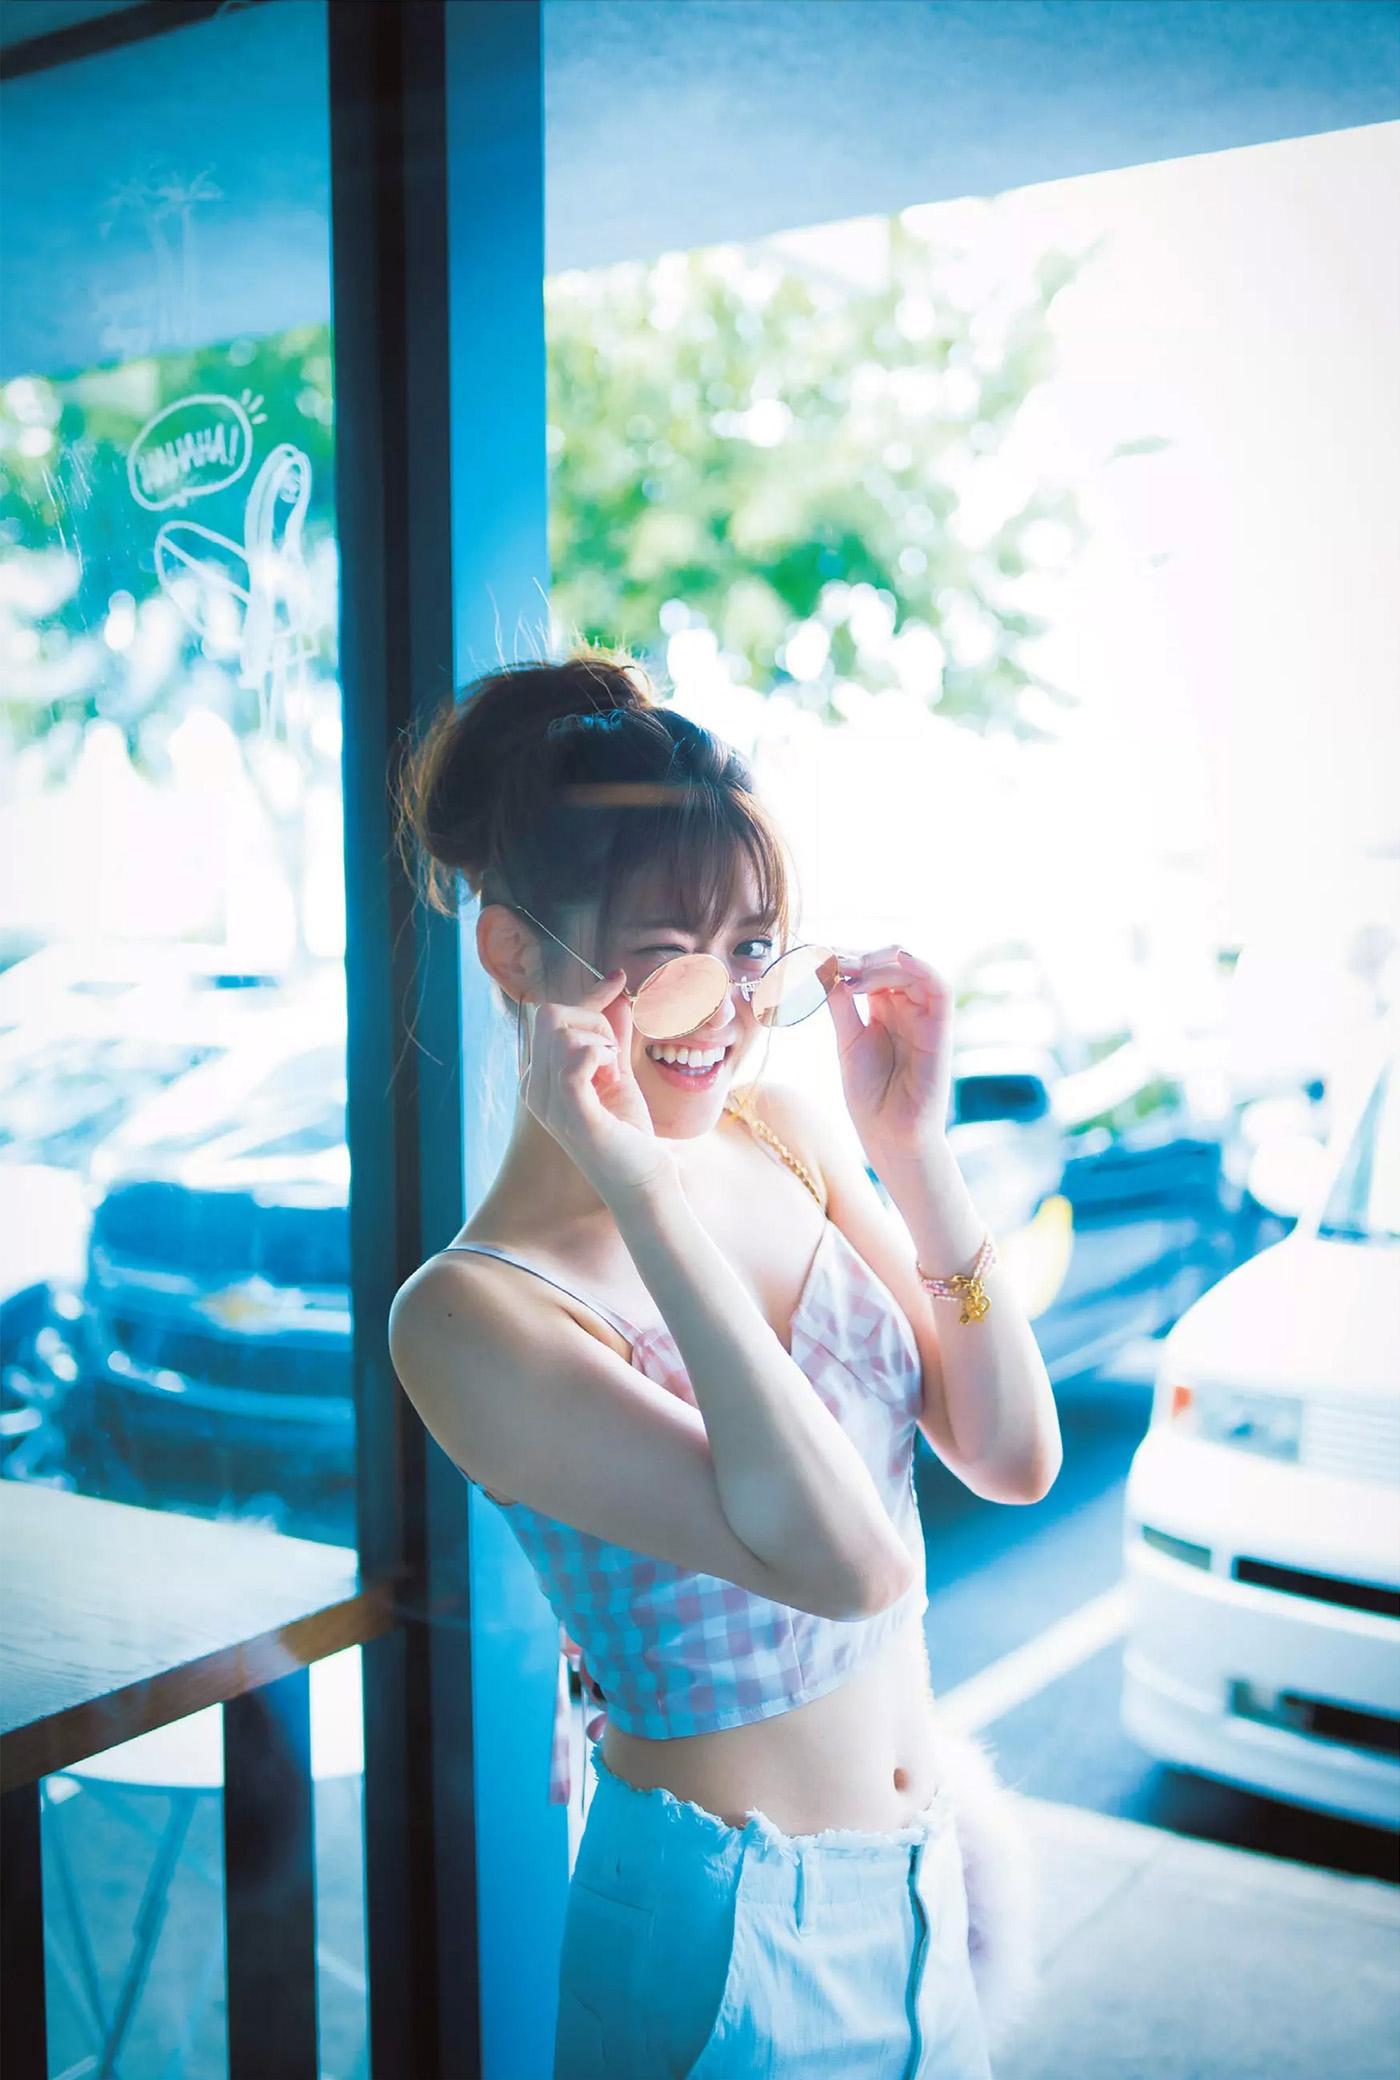 乃木坂46松村沙友理(25)写真集の抜ける下着姿エロ画像130枚・13枚目の画像